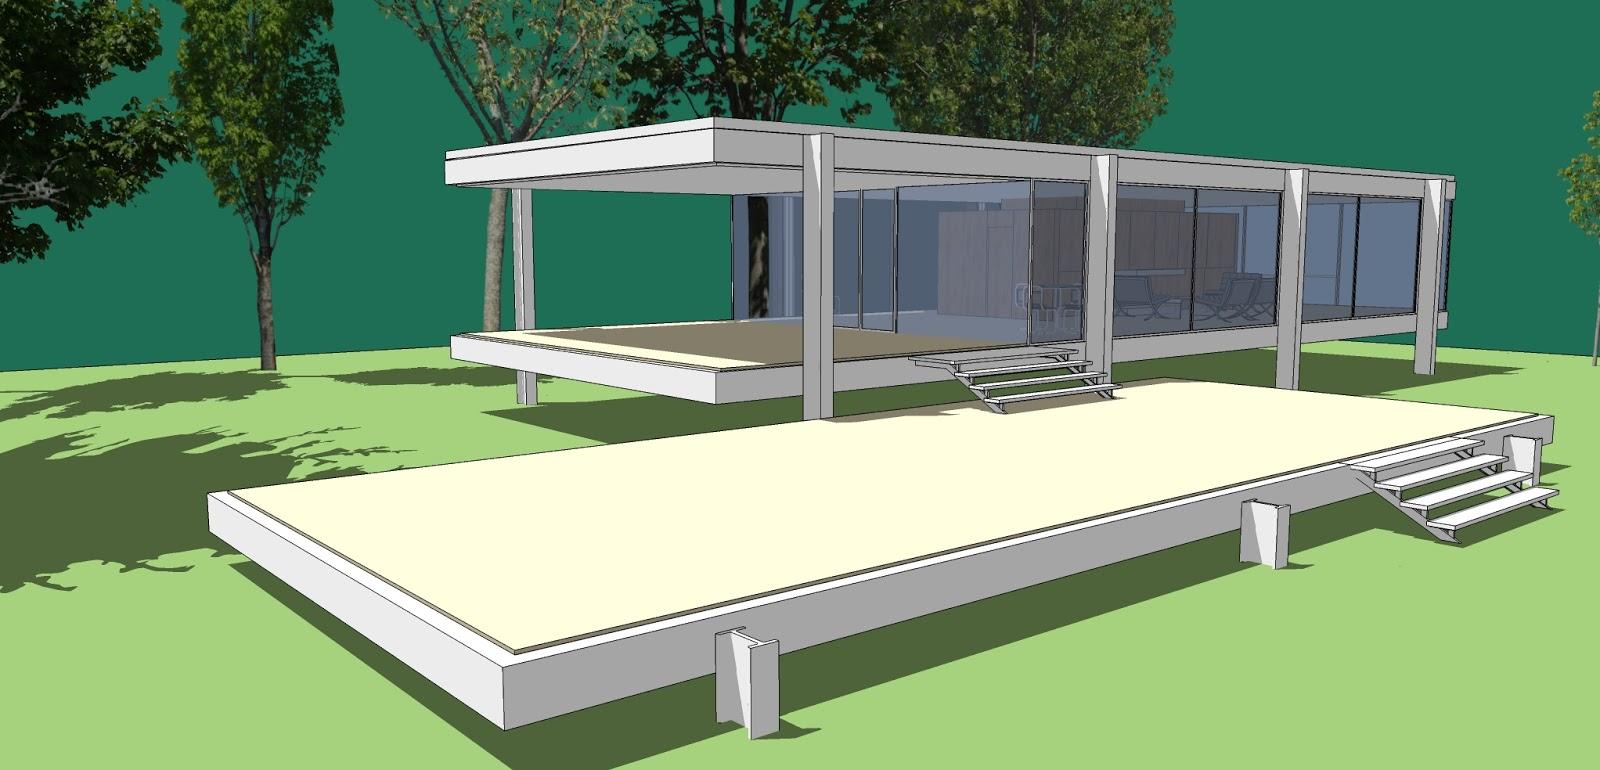 Edificios y m quinas casa farnsworth de mies van der rohe for Casa minimalista de mies van der rohe